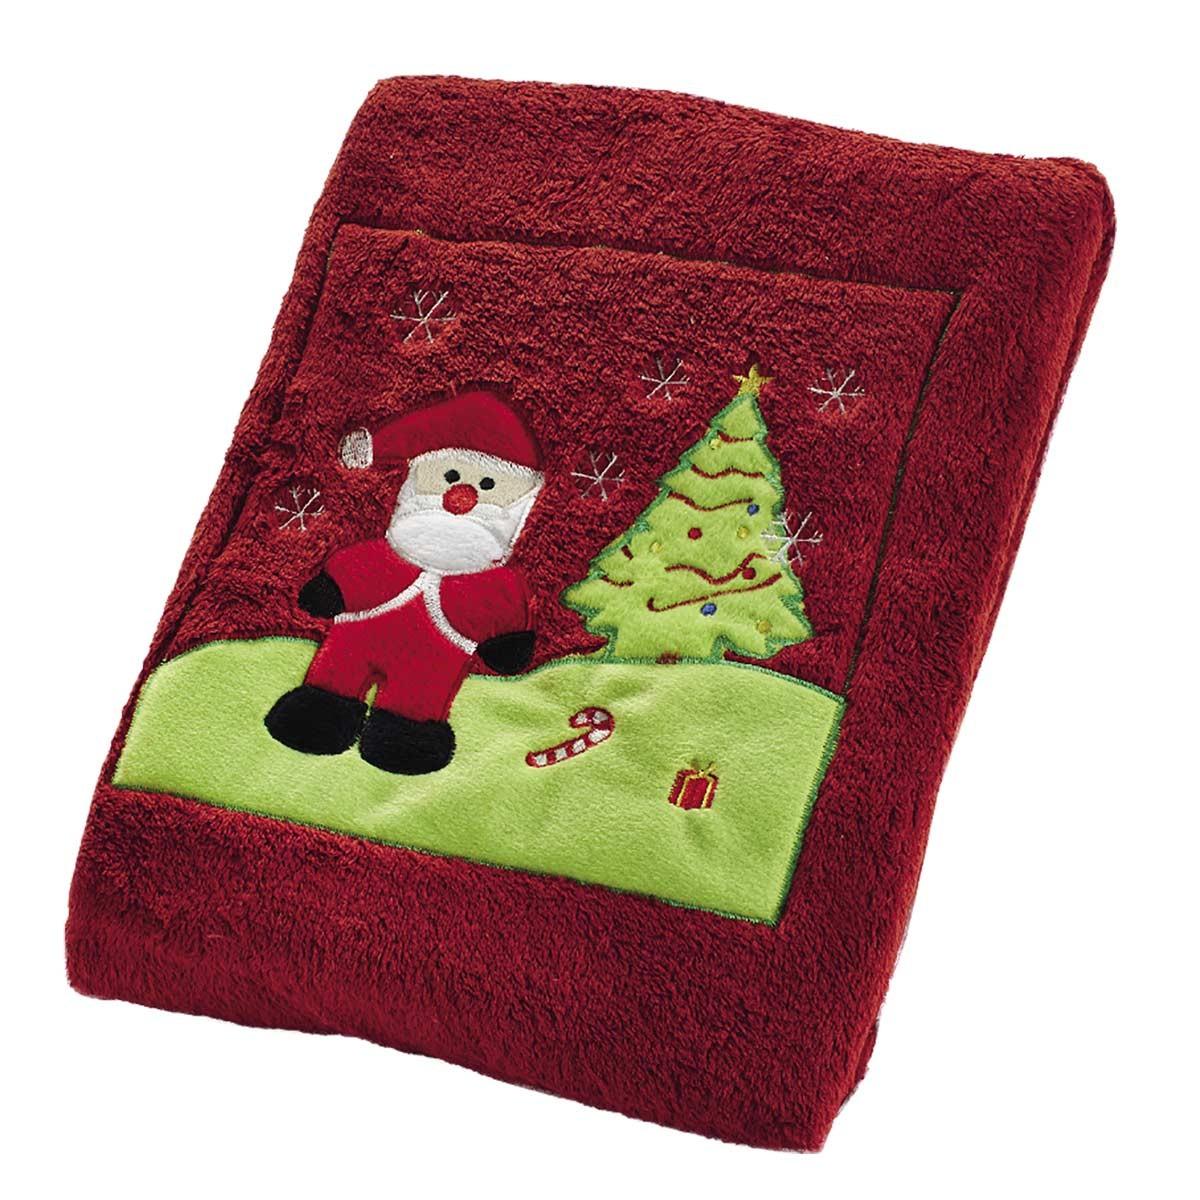 Χριστουγεννιάτικη Κουβέρτα Fleece White Egg 1069A